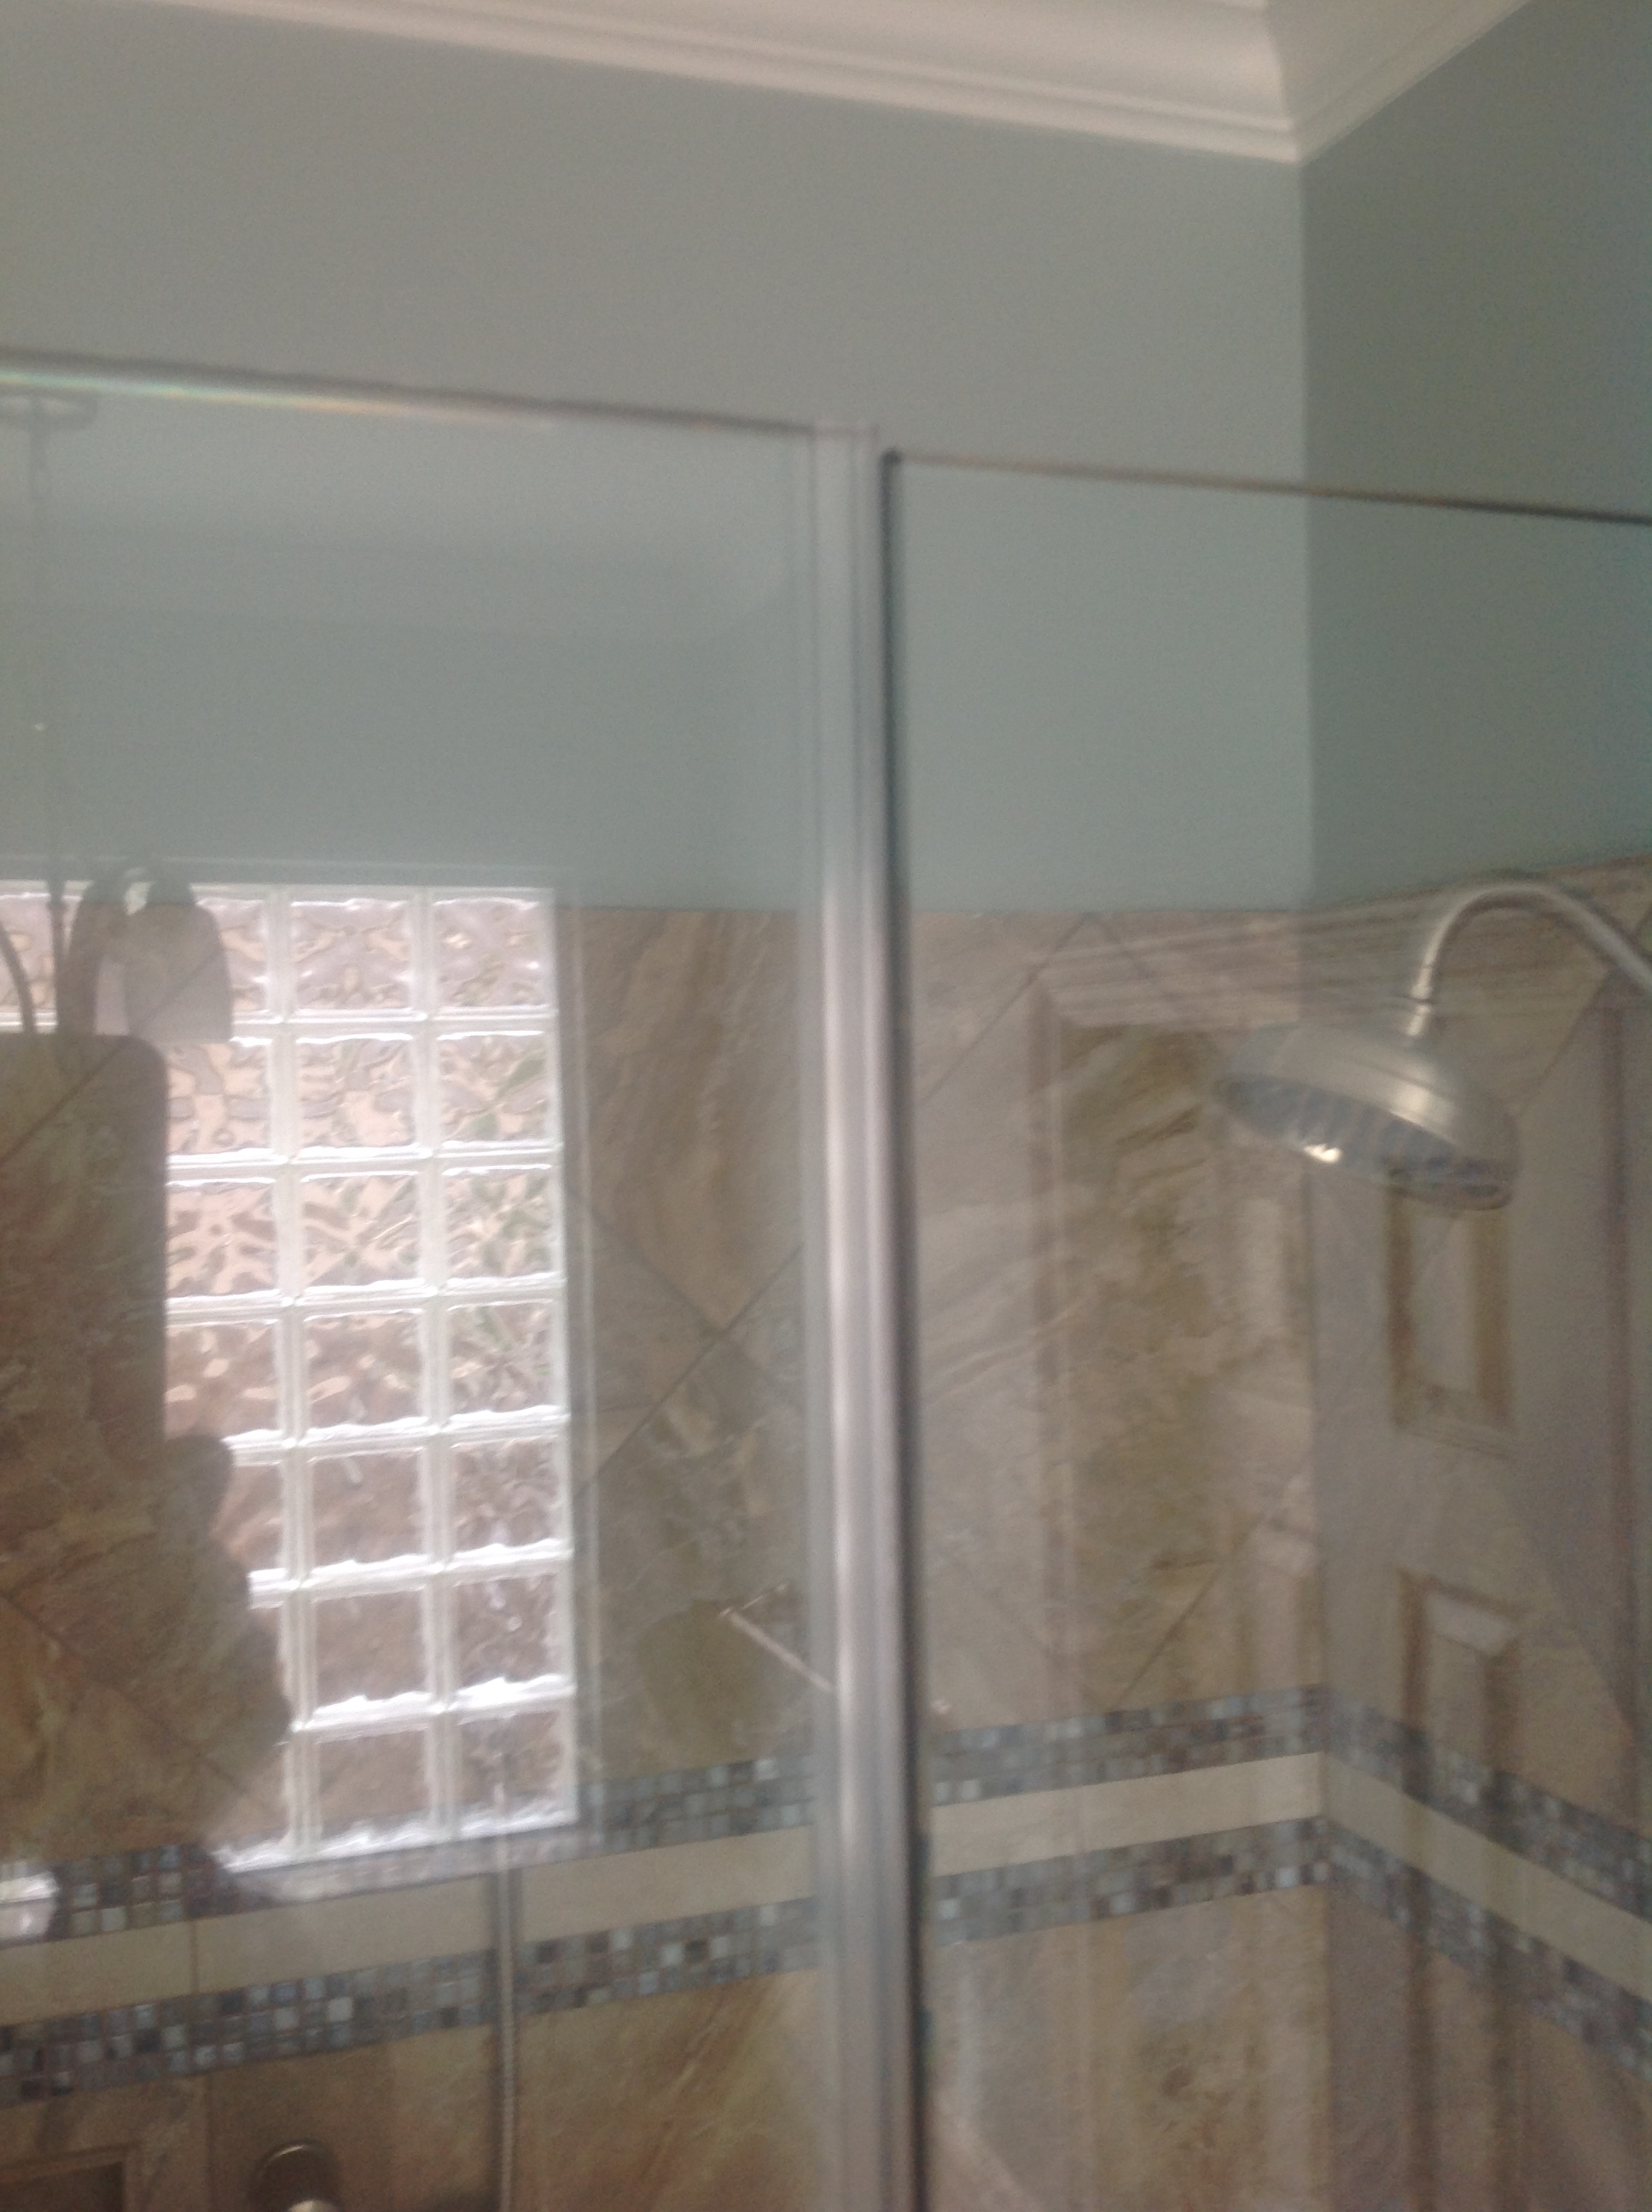 Gap Spacing In Frameless Shower Doors Showcase Shower Door regarding size 1936 X 2592